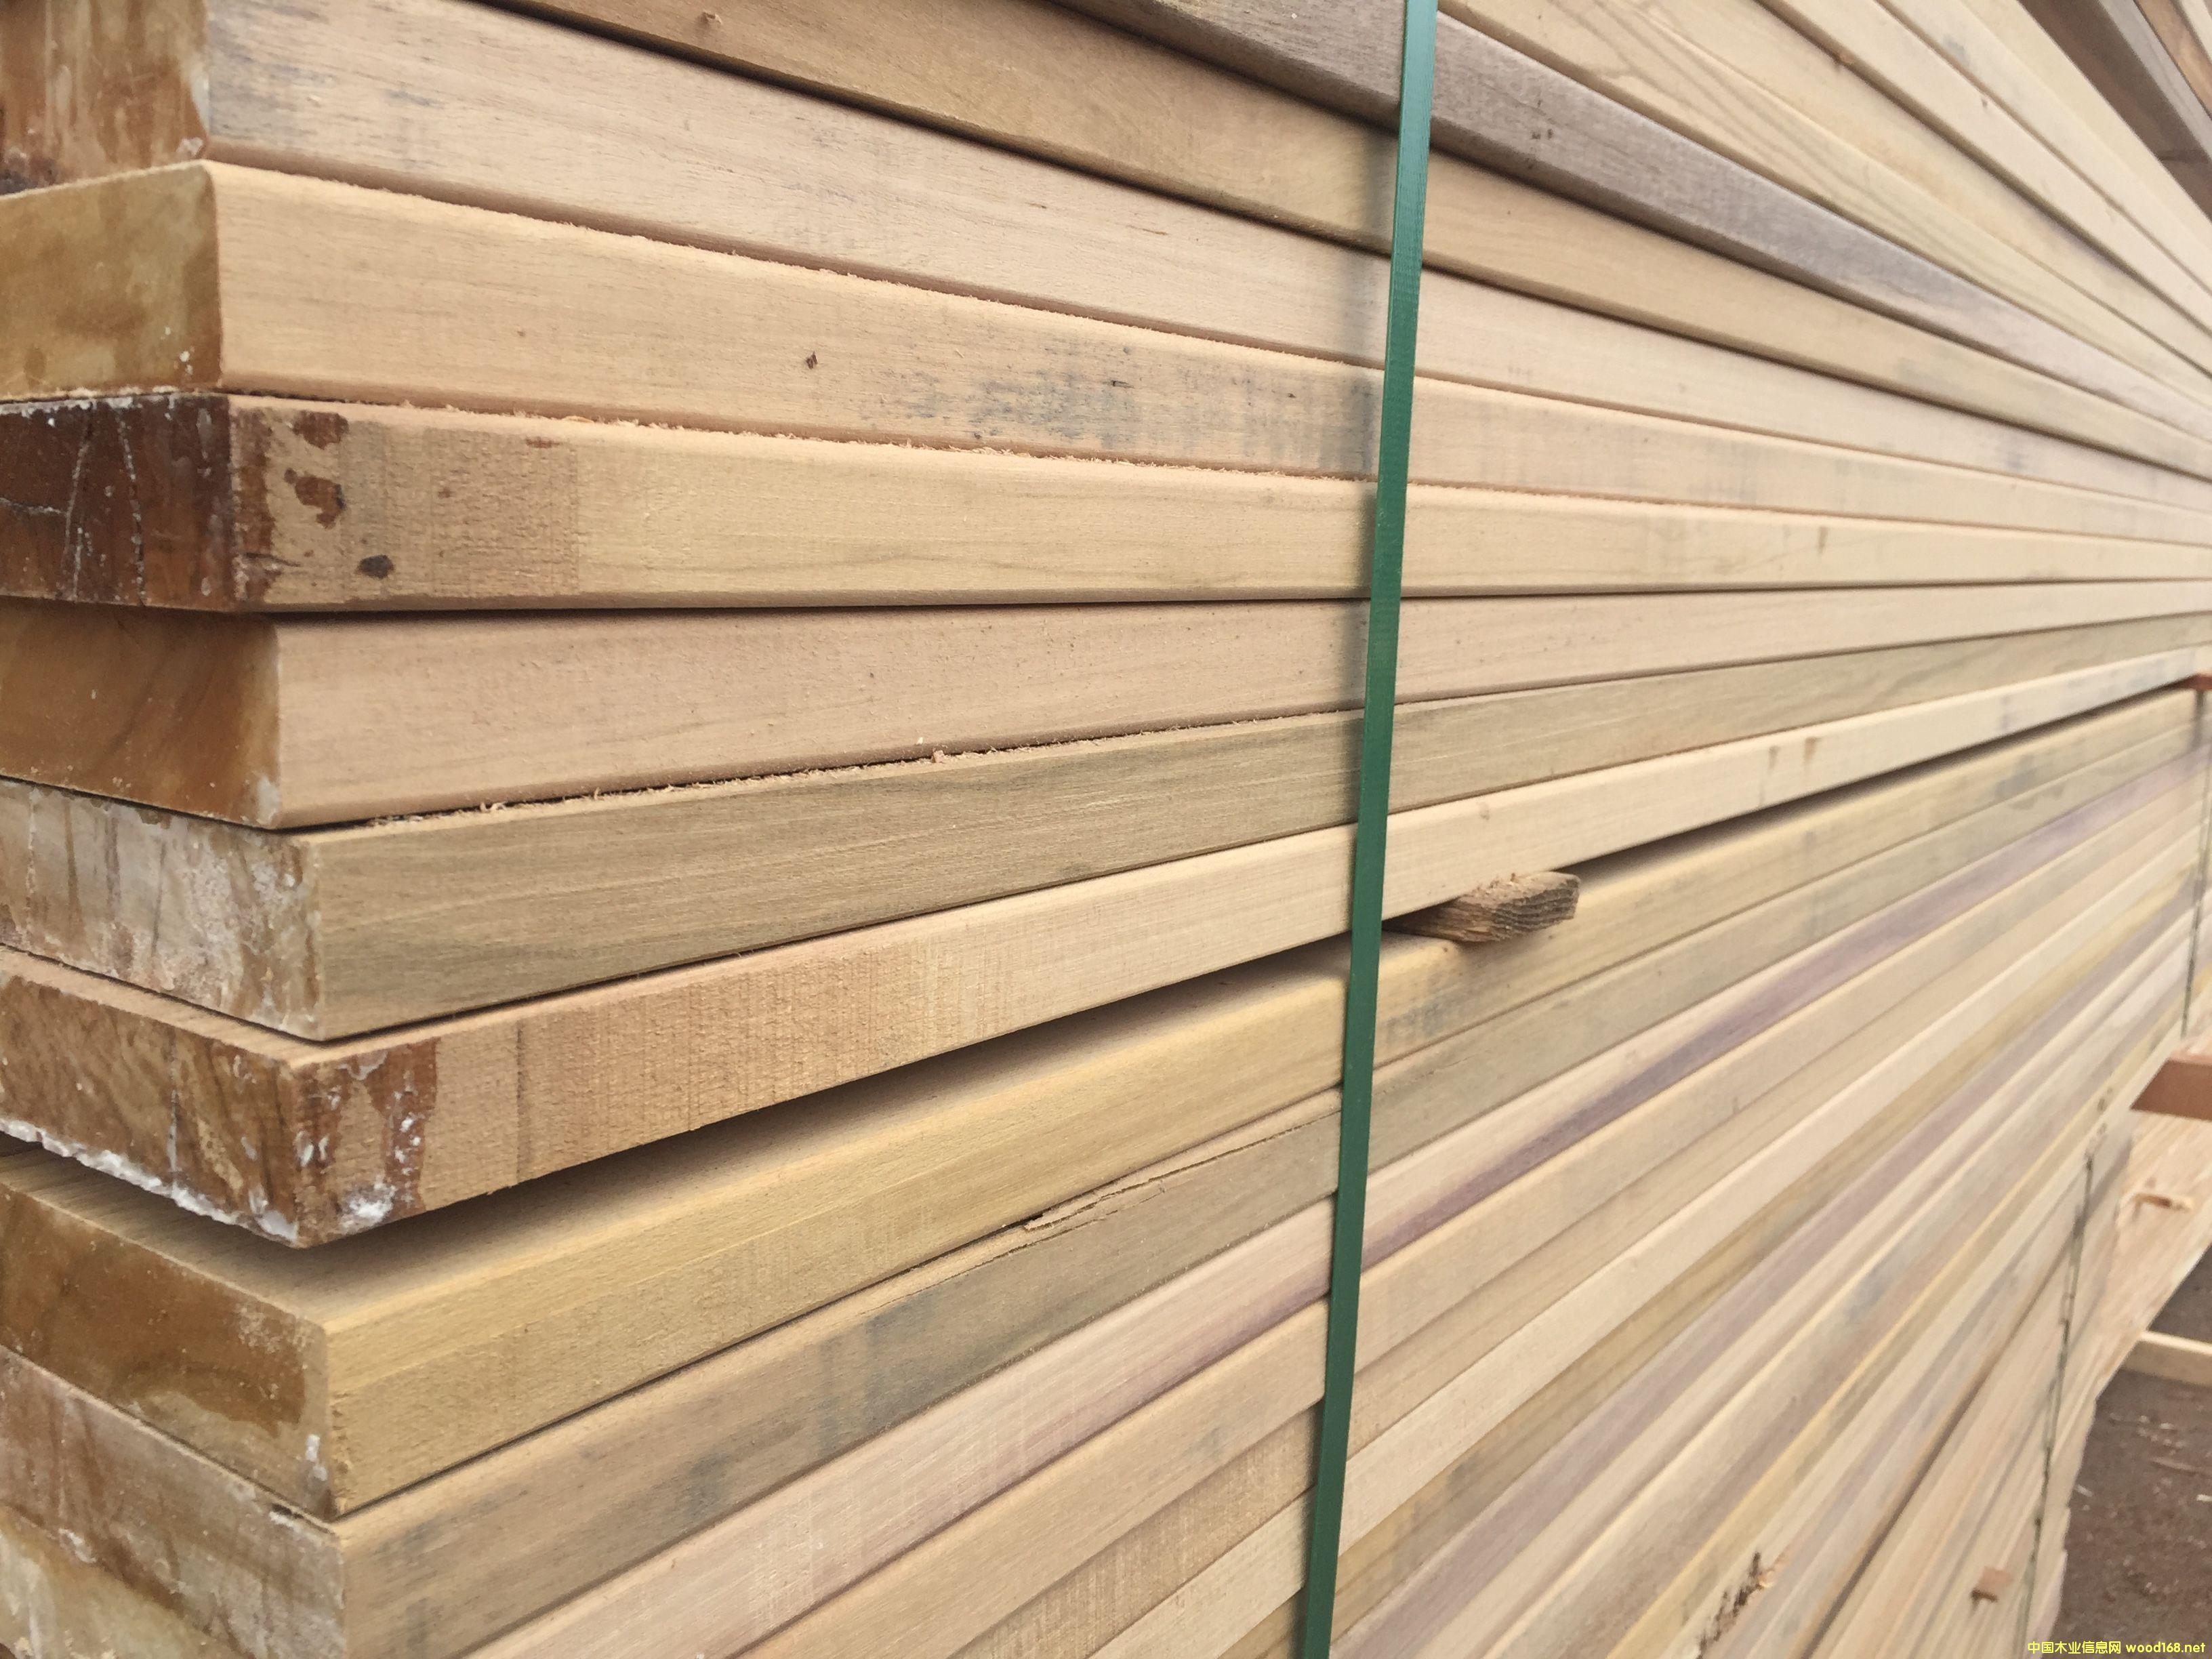 巴劳木多少钱一方 上海巴劳木地板厂家